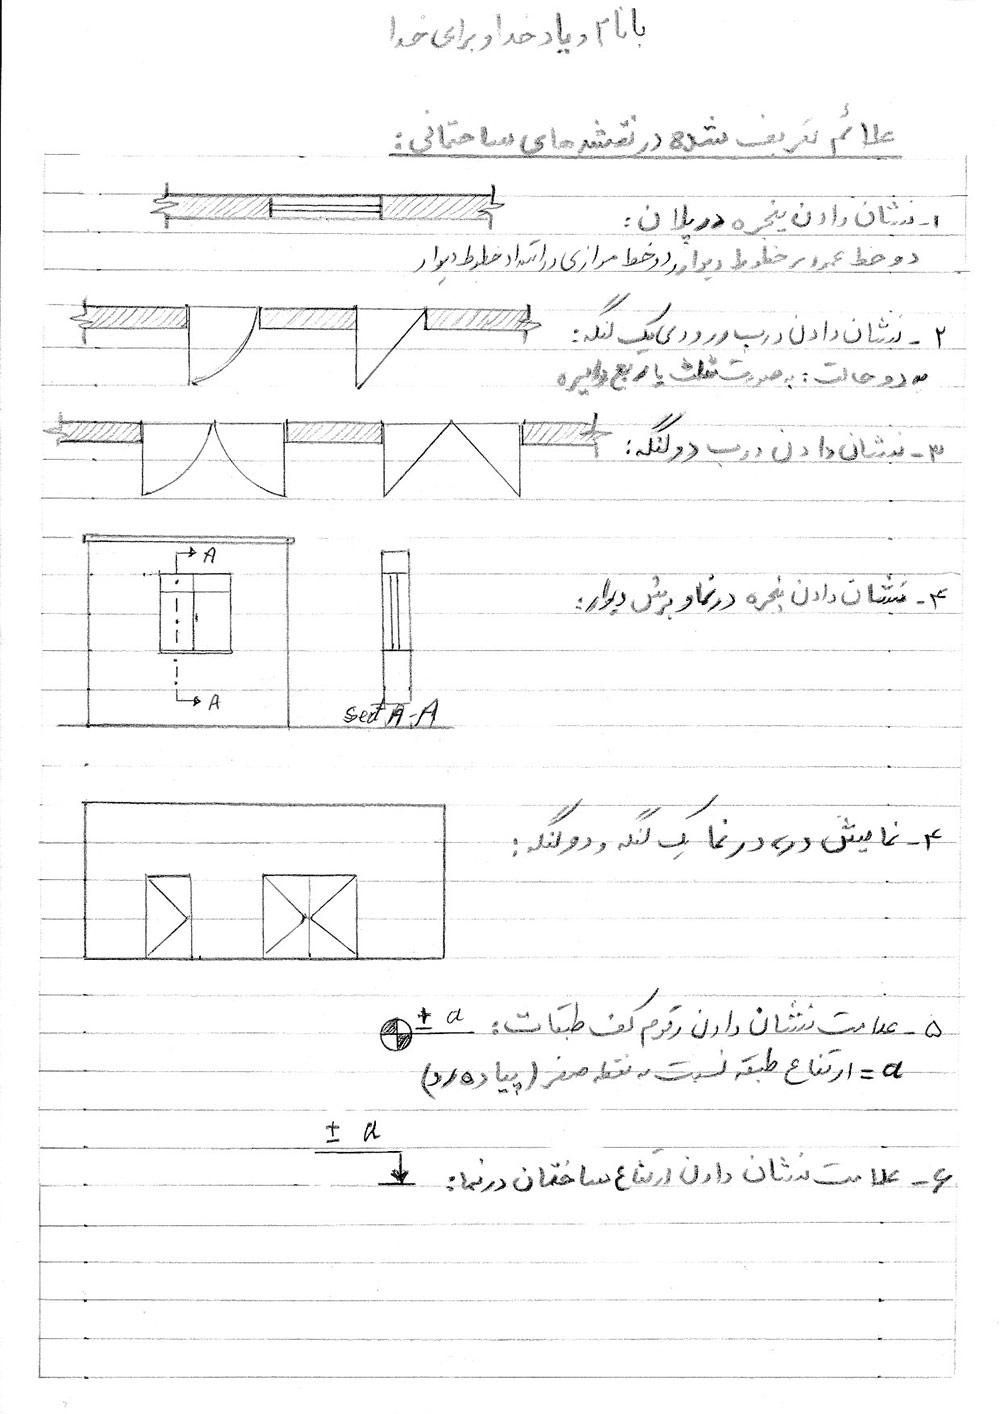 علایم تعریف شده در نقشه های ساختمانی